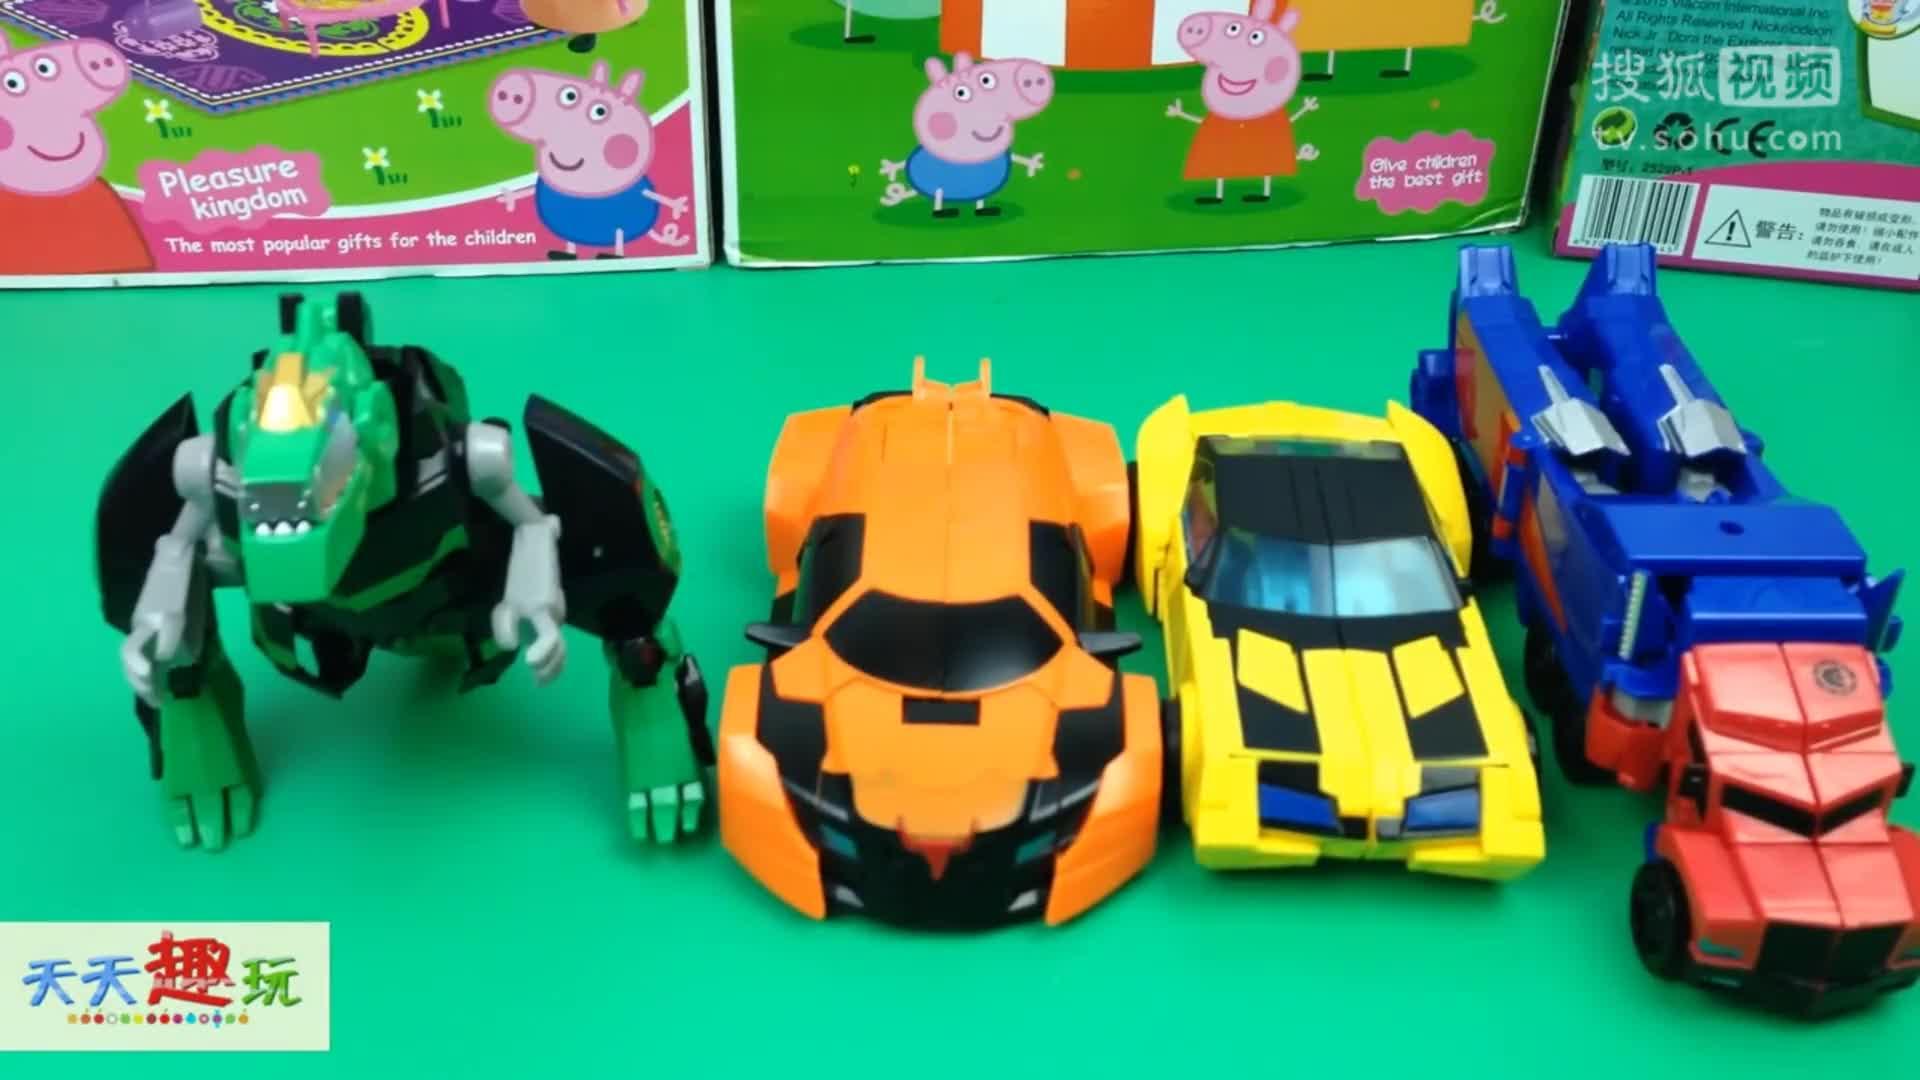 变形金刚路霸人玩具 变形金刚片电影系列玩具变形人.